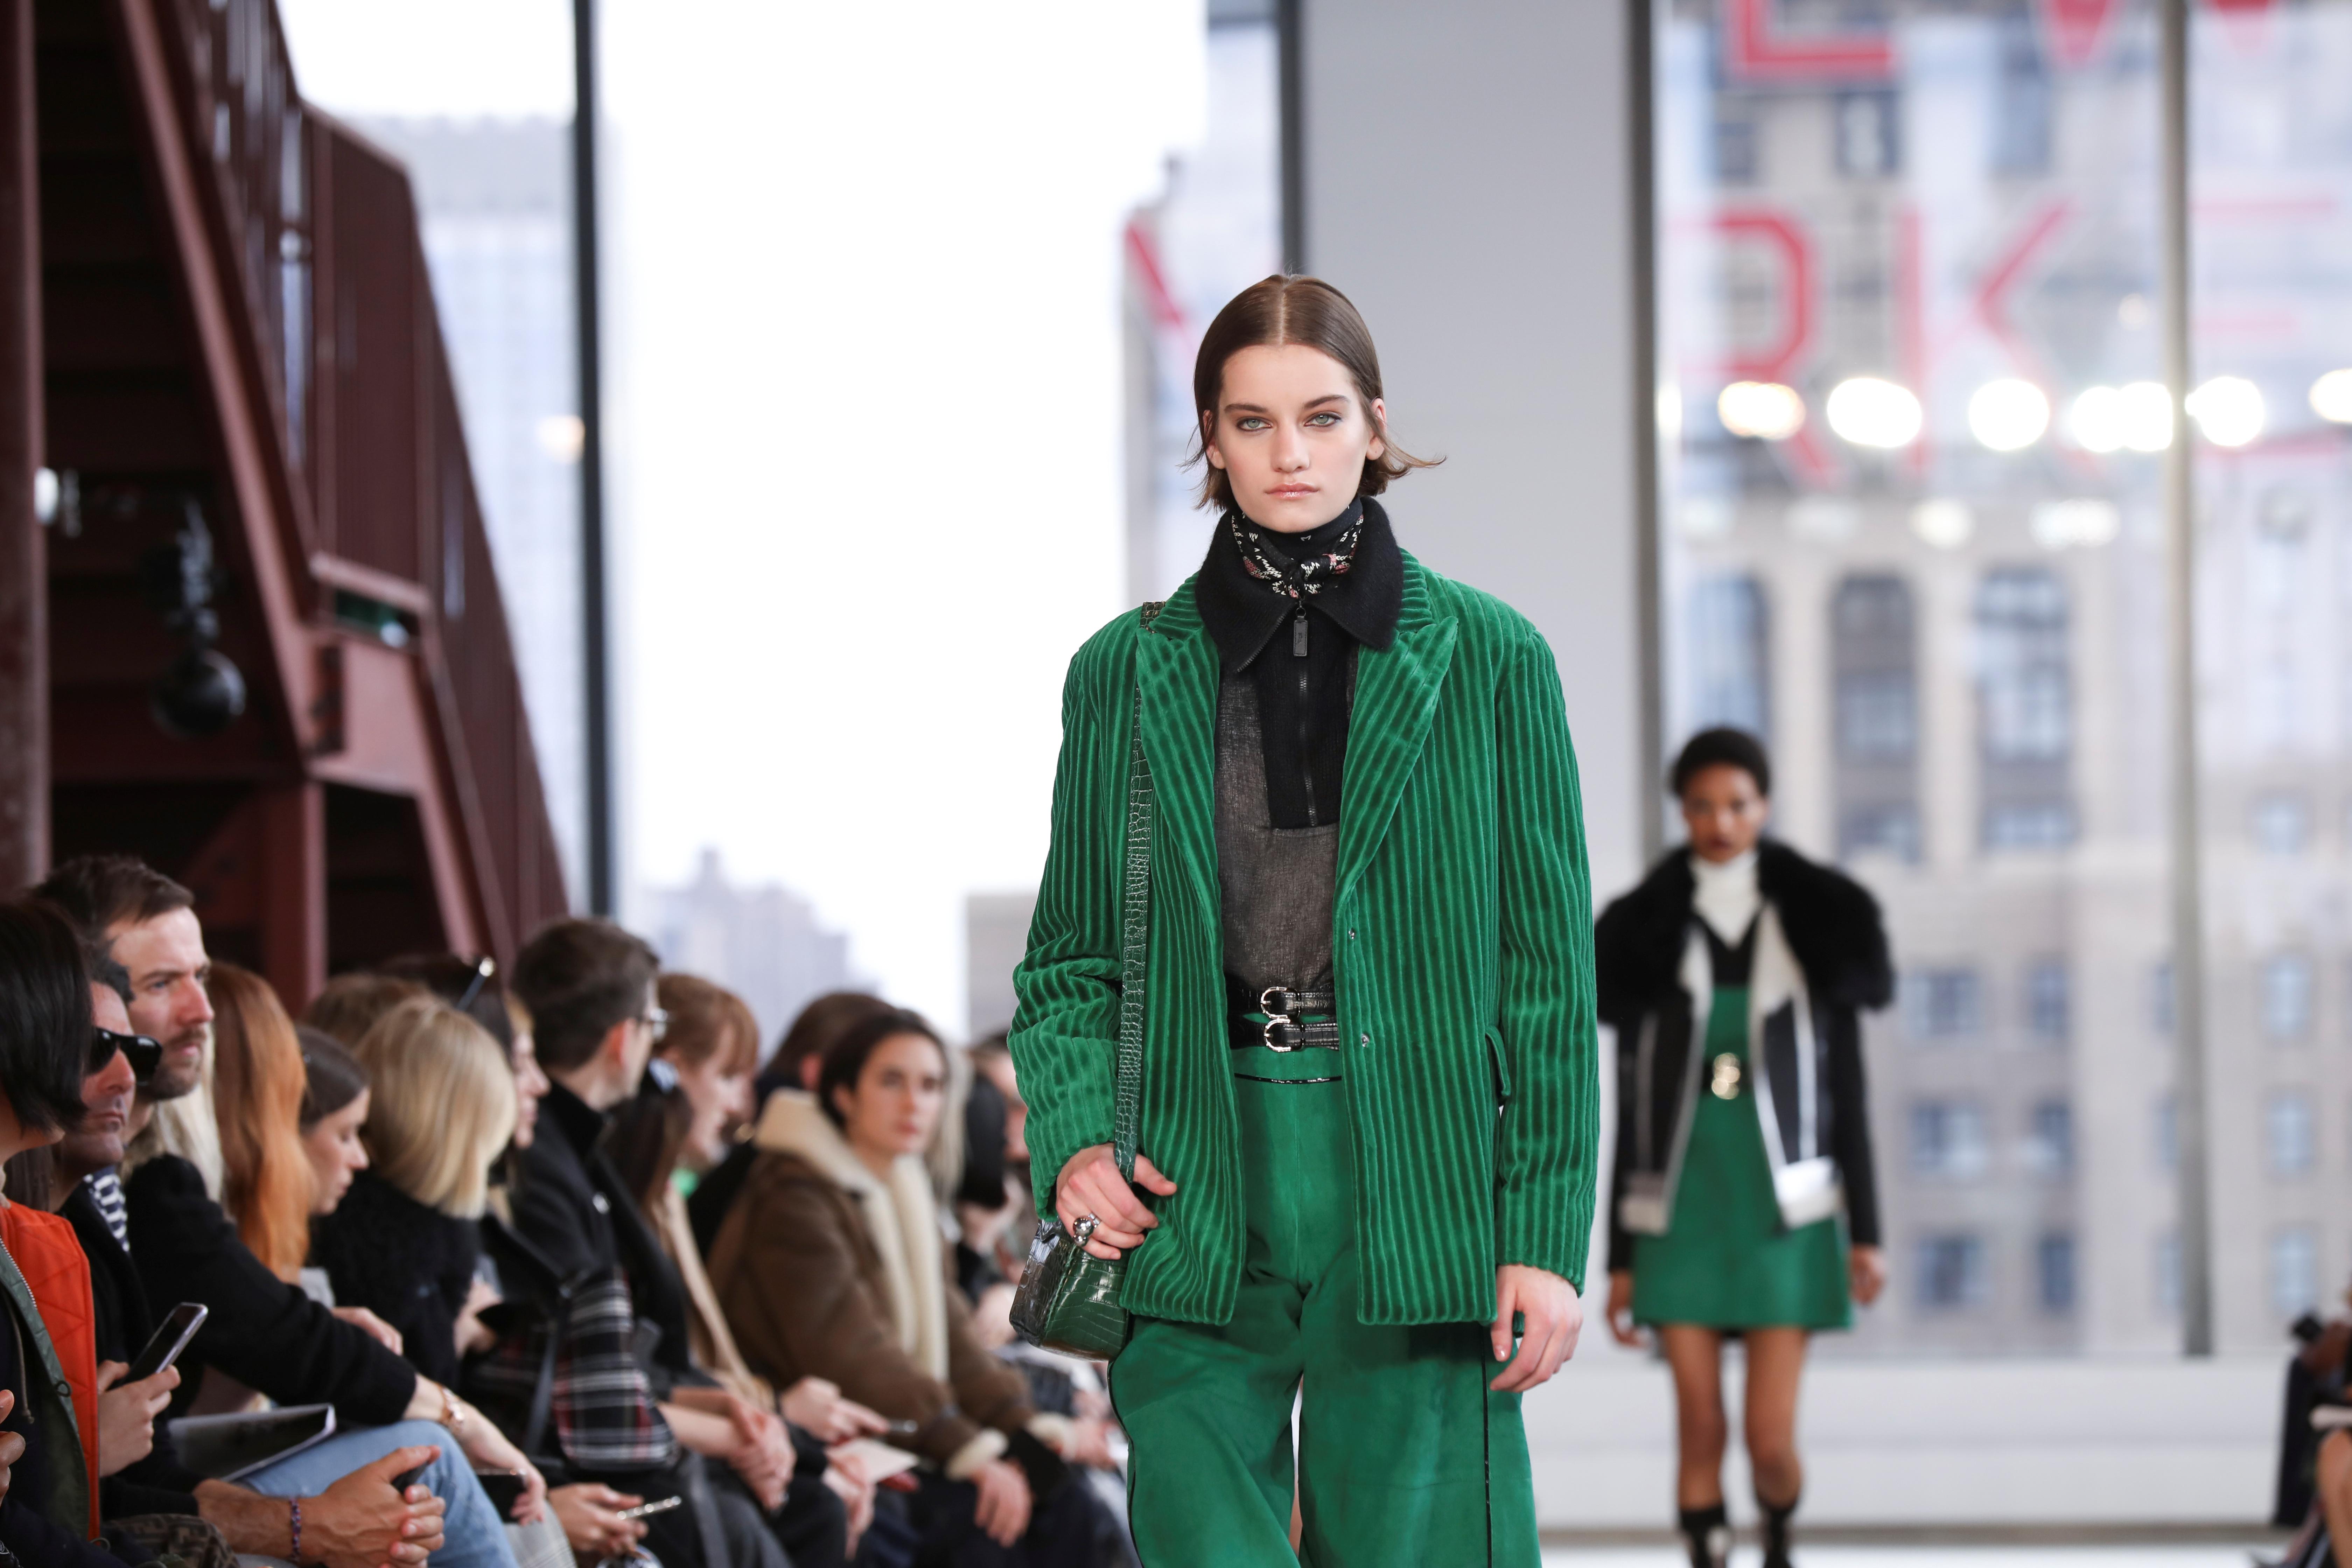 Los principales colores que se vieron para este otoño-invierno 2020 presentados por Longchamp fue charol brillante, rojo, verde, amarillo, plateado y negro. En pasarela, un conjunto de saco y pantalón de terciopelo en color verde esmeralda